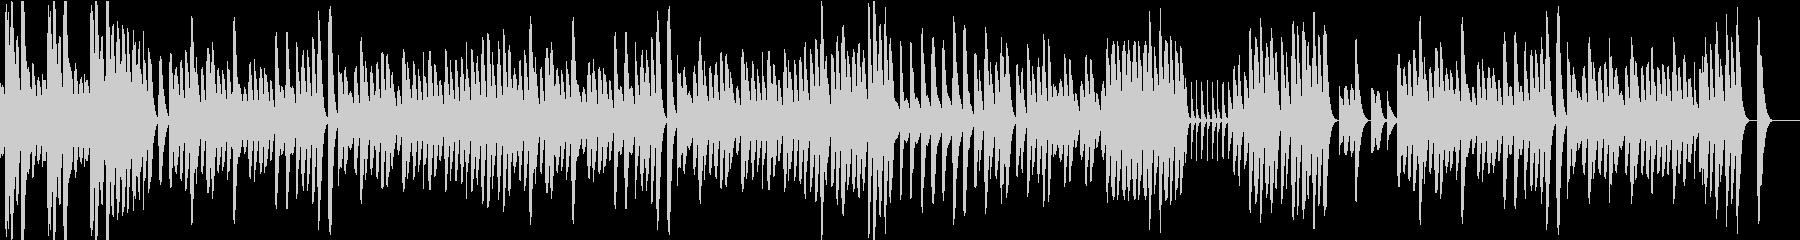 可愛らしくほのぼのとした木琴のBGMの未再生の波形